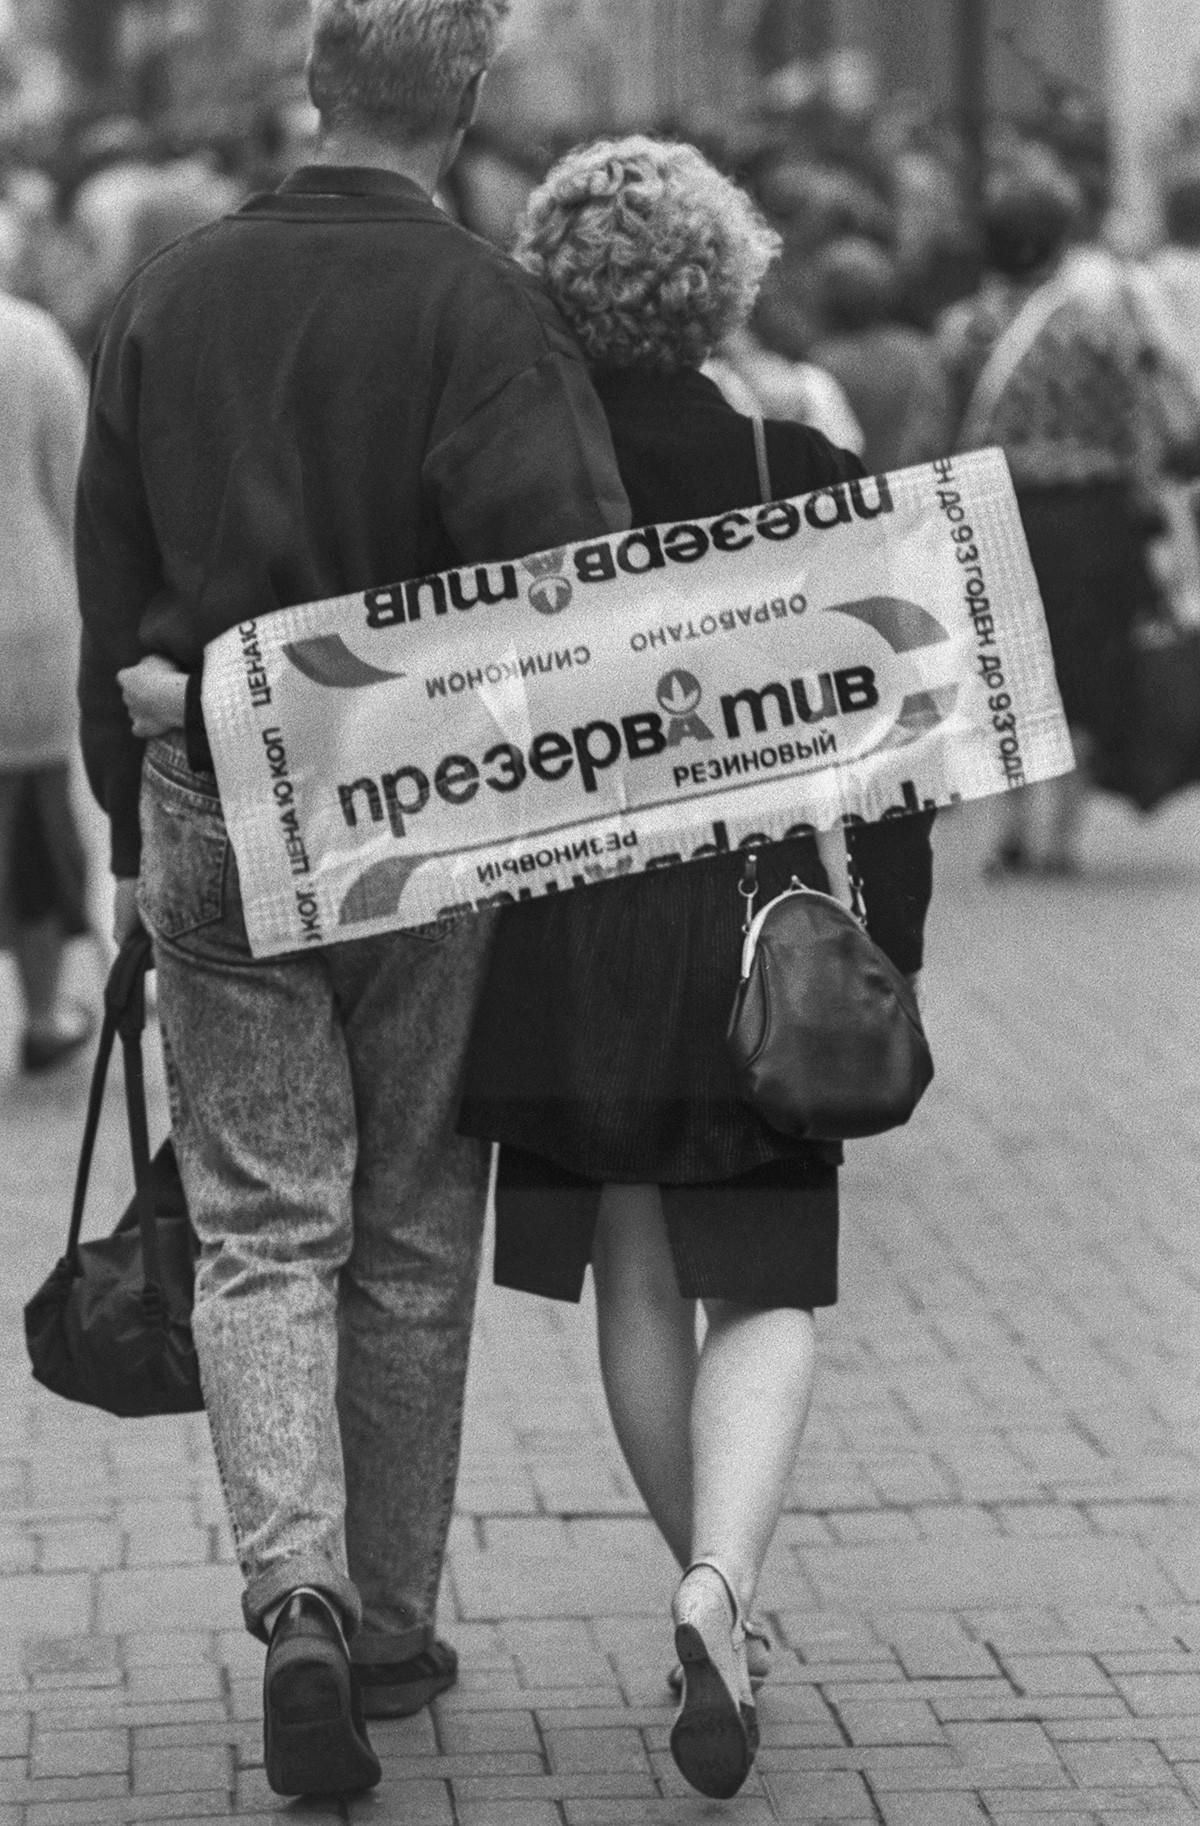 Publicidade de preservativos soviéticos, em 1990.